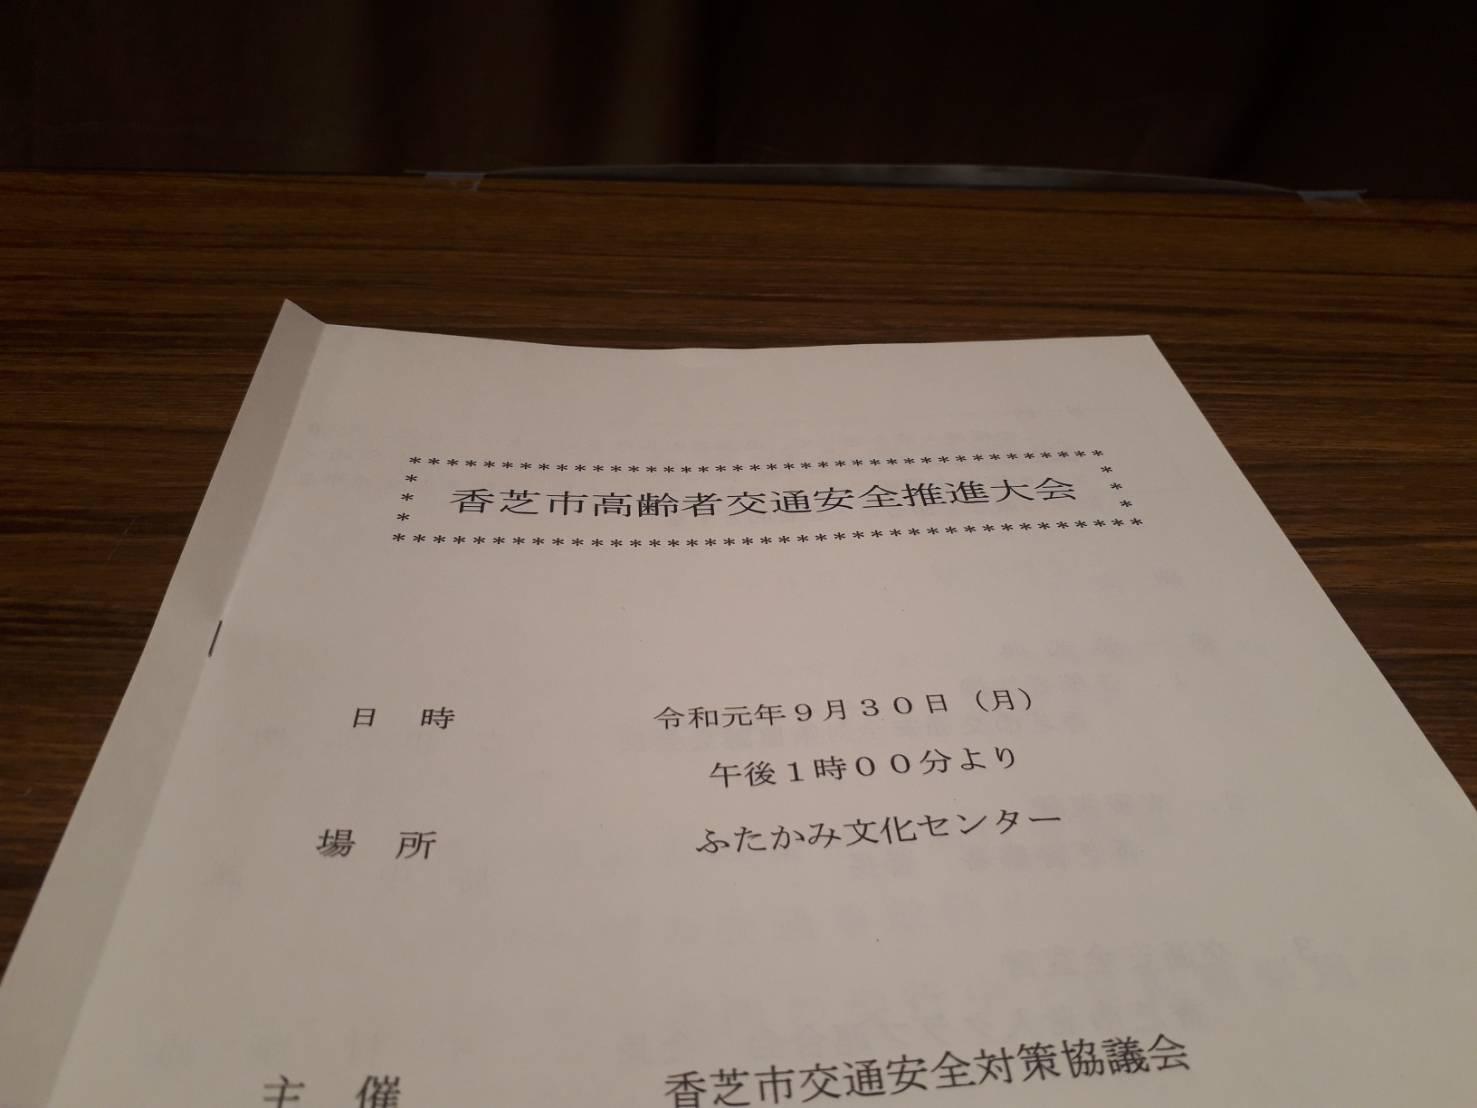 香芝市高齢者交通安全推進大会@ふたかみ文化センター